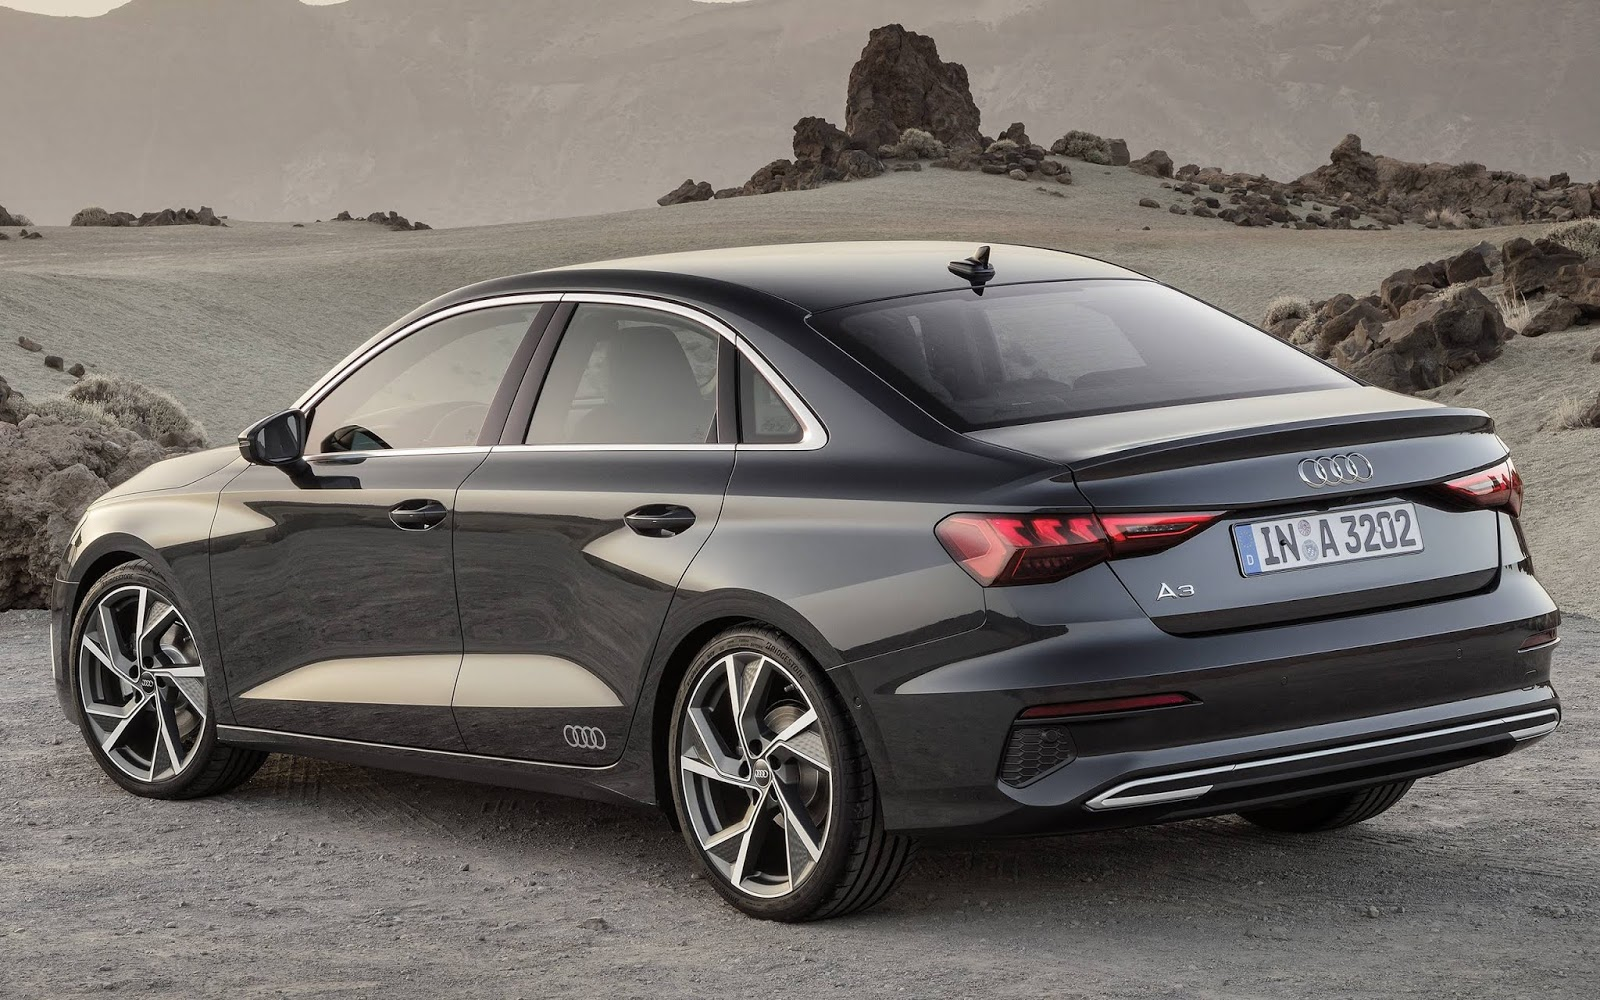 Novo Audi A3 Sedan 2021: fotos, preços e detalhes - Europa ...